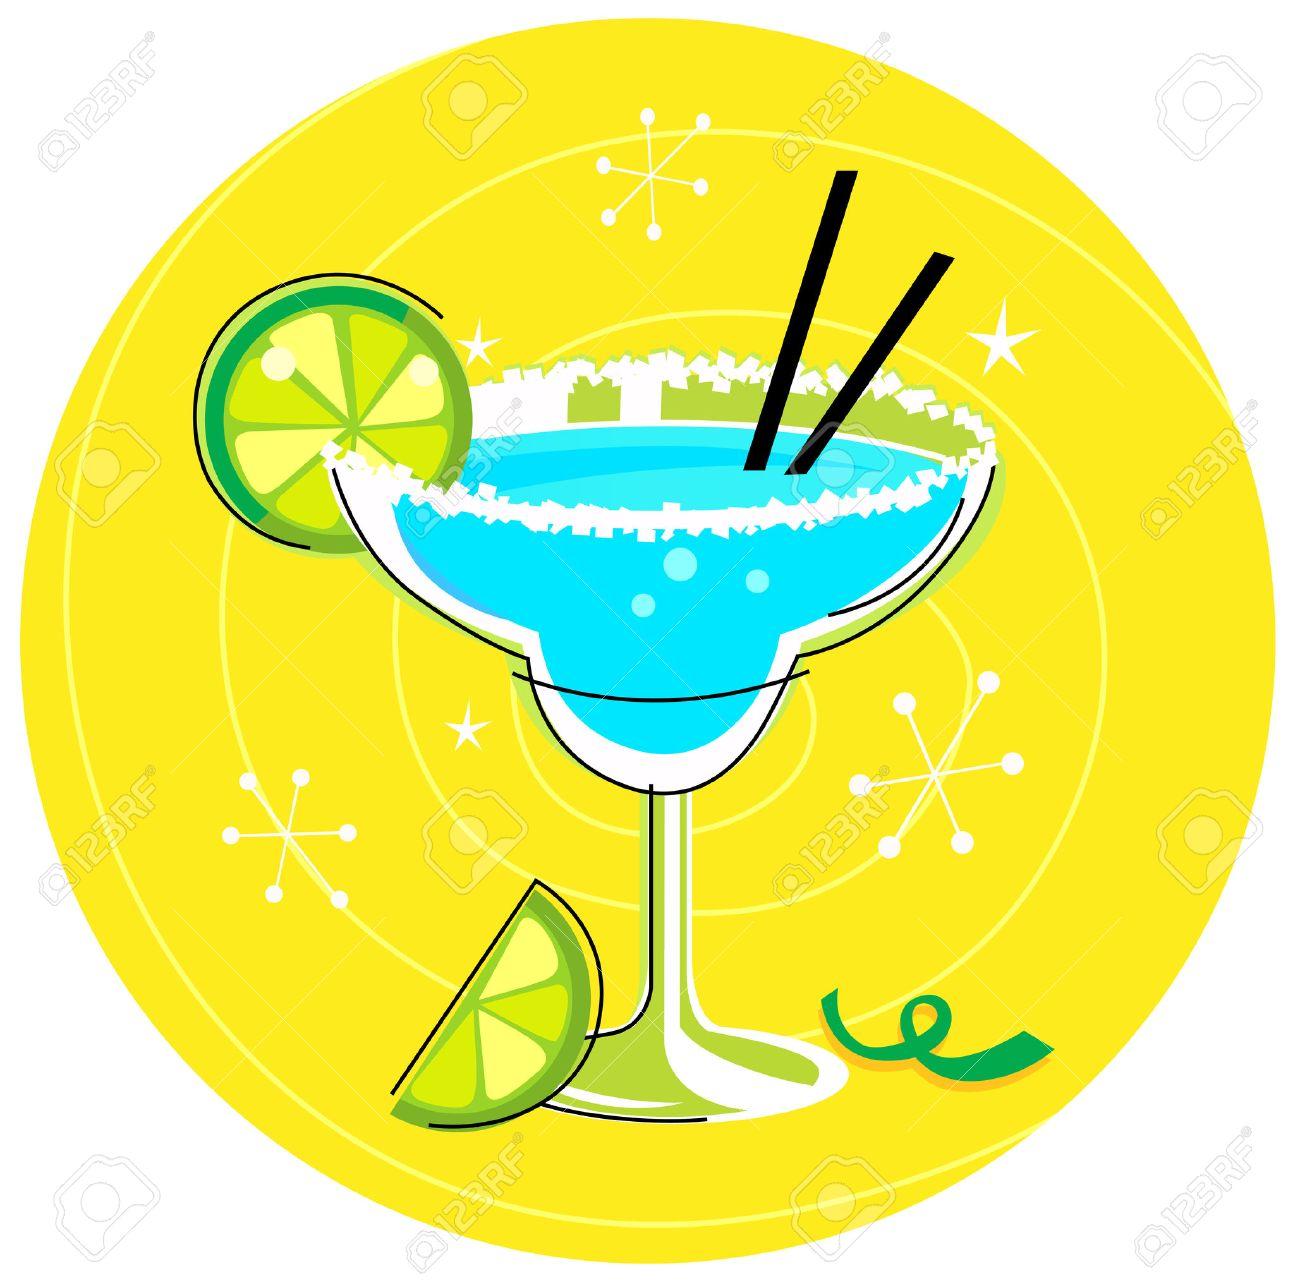 Blue Margarita: Retro cocktail icon on yellow background - 8098074